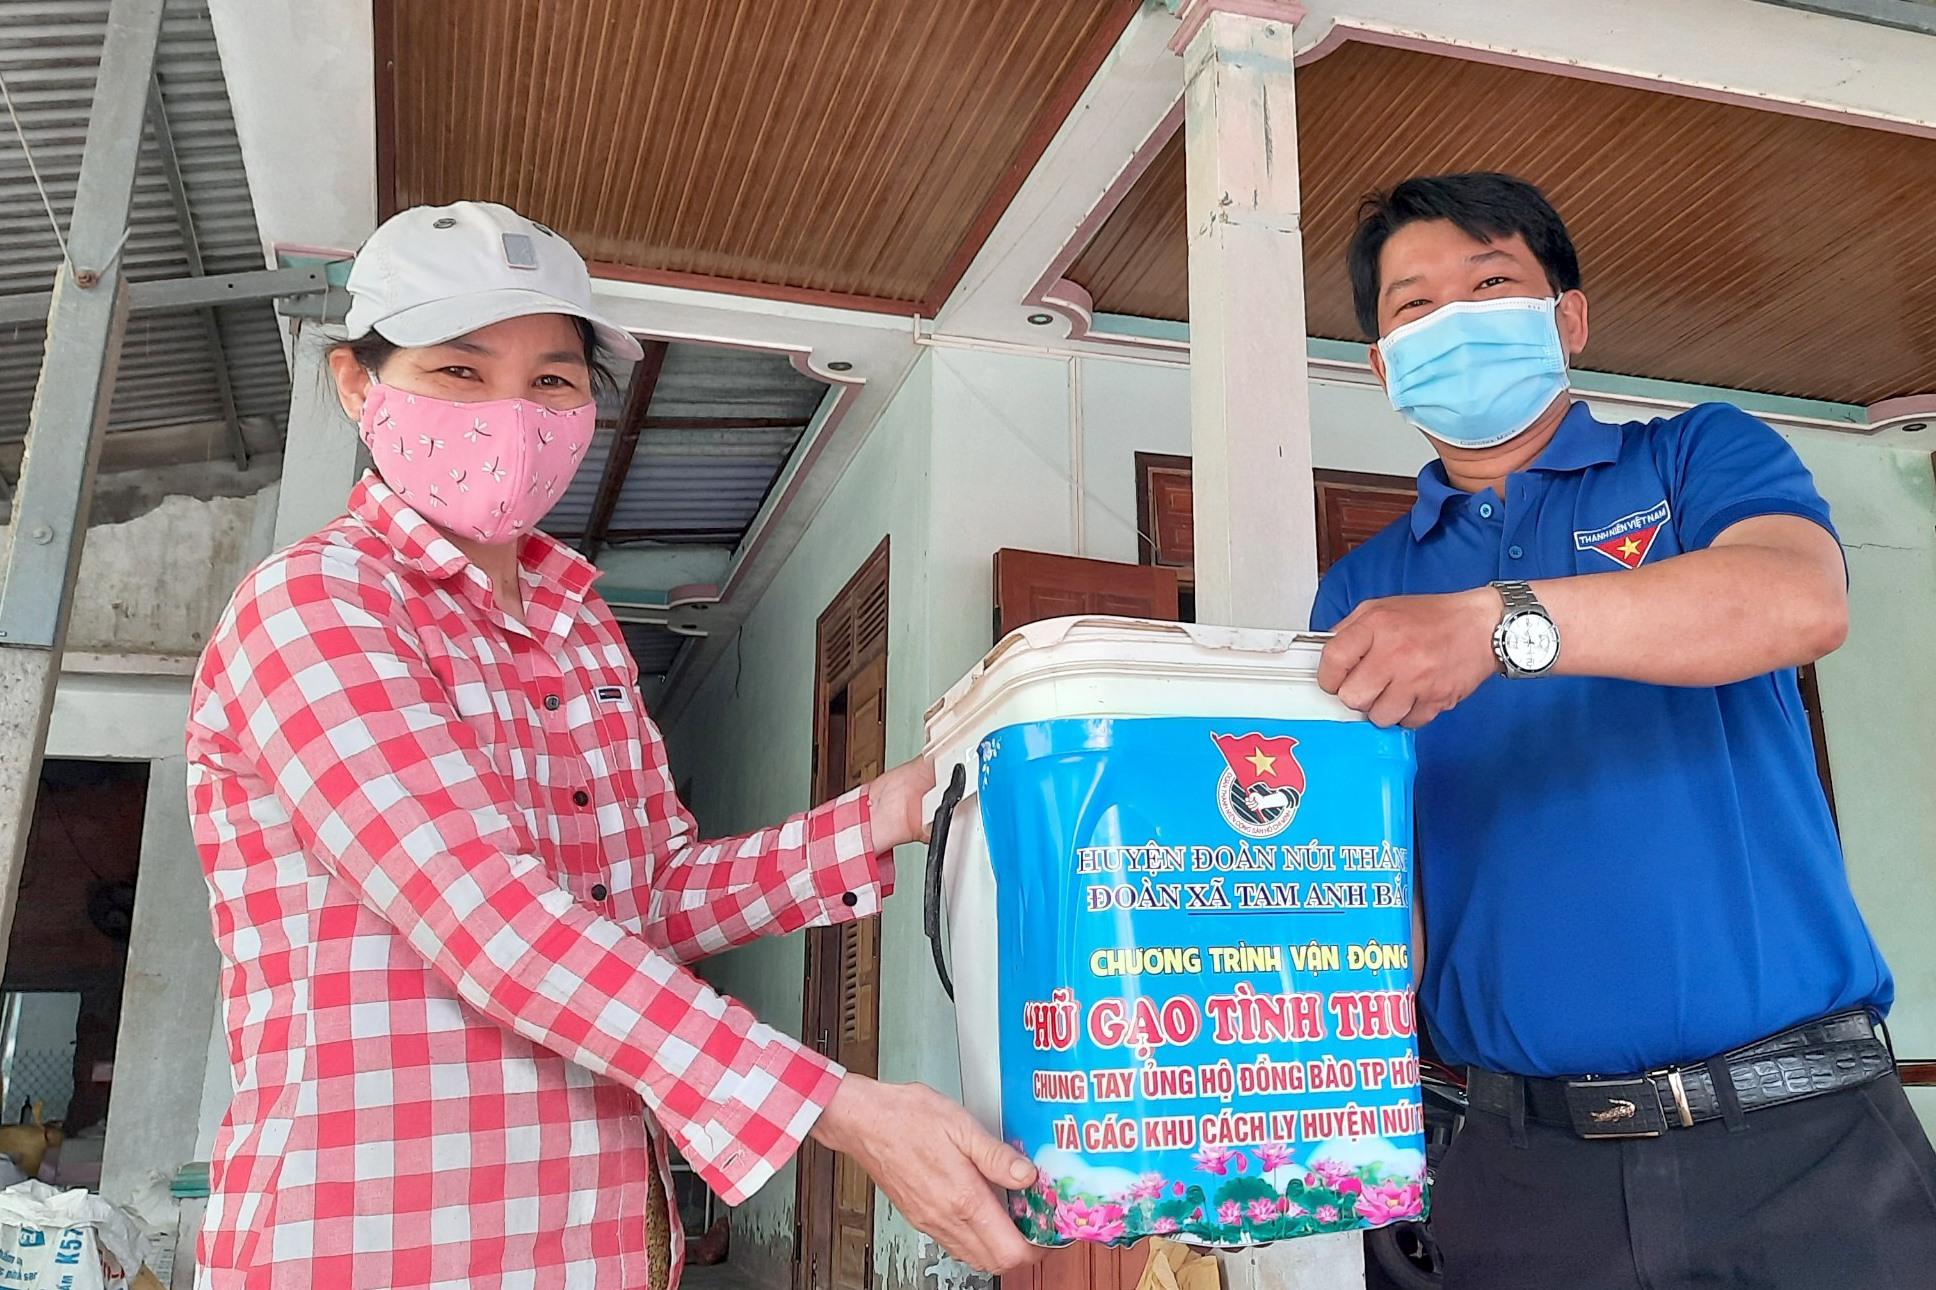 """Qua 3 ngày phát động mô hình """"hũ gạo tình thương"""", đoàn xã Tam Anh Bắc đã tiếp nhận hơn 100 kg gạo từ người dân địa phương hỗ trợ. Ảnh: H.Q"""